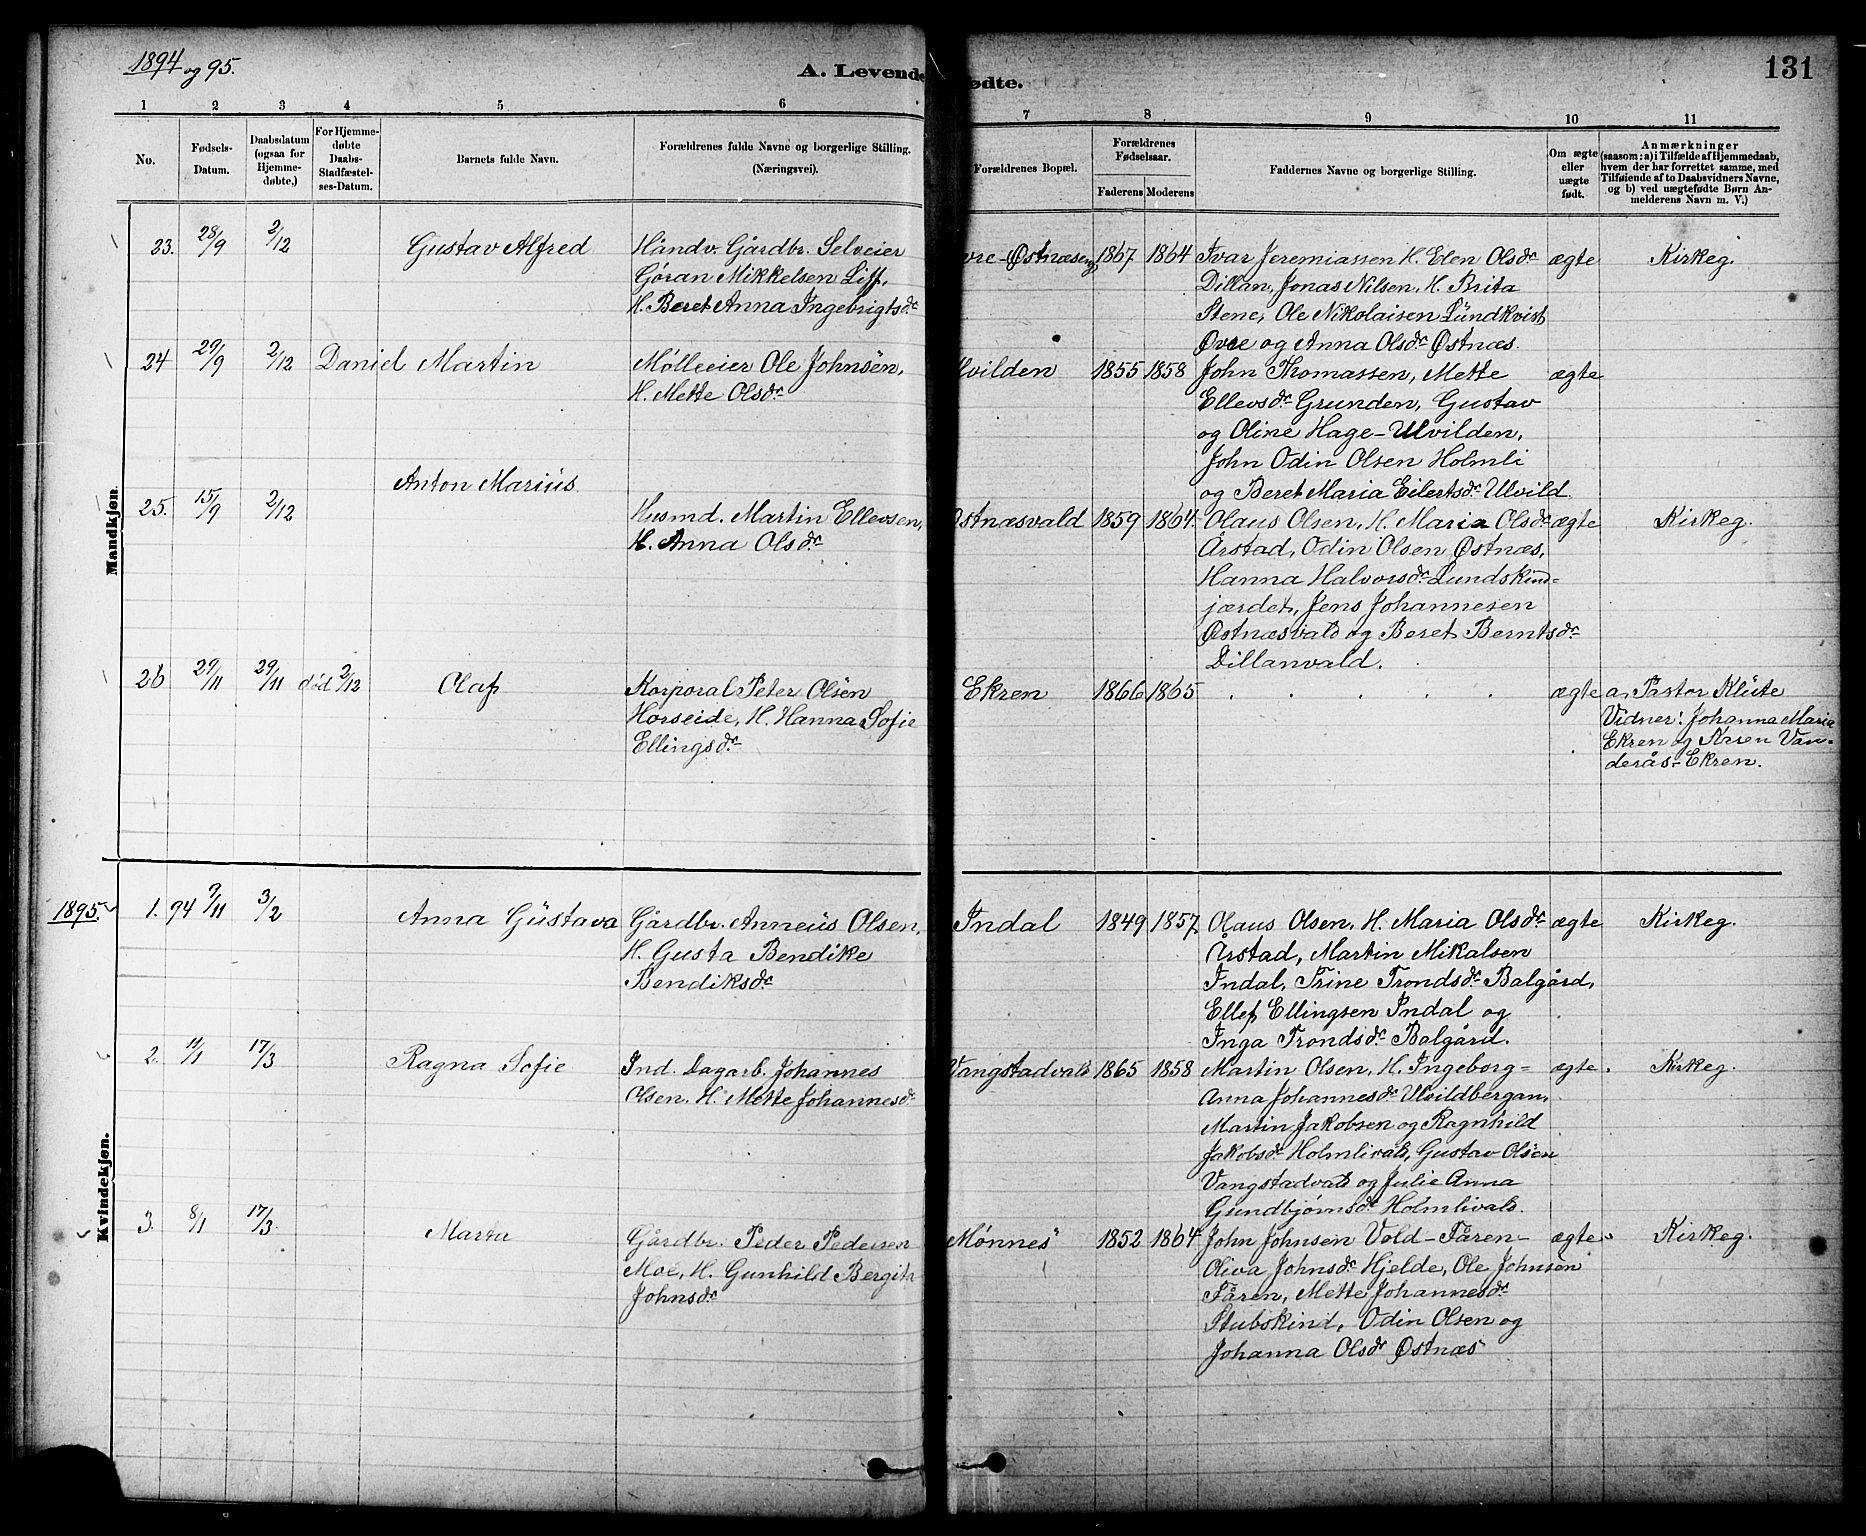 SAT, Ministerialprotokoller, klokkerbøker og fødselsregistre - Nord-Trøndelag, 724/L0267: Klokkerbok nr. 724C03, 1879-1898, s. 131